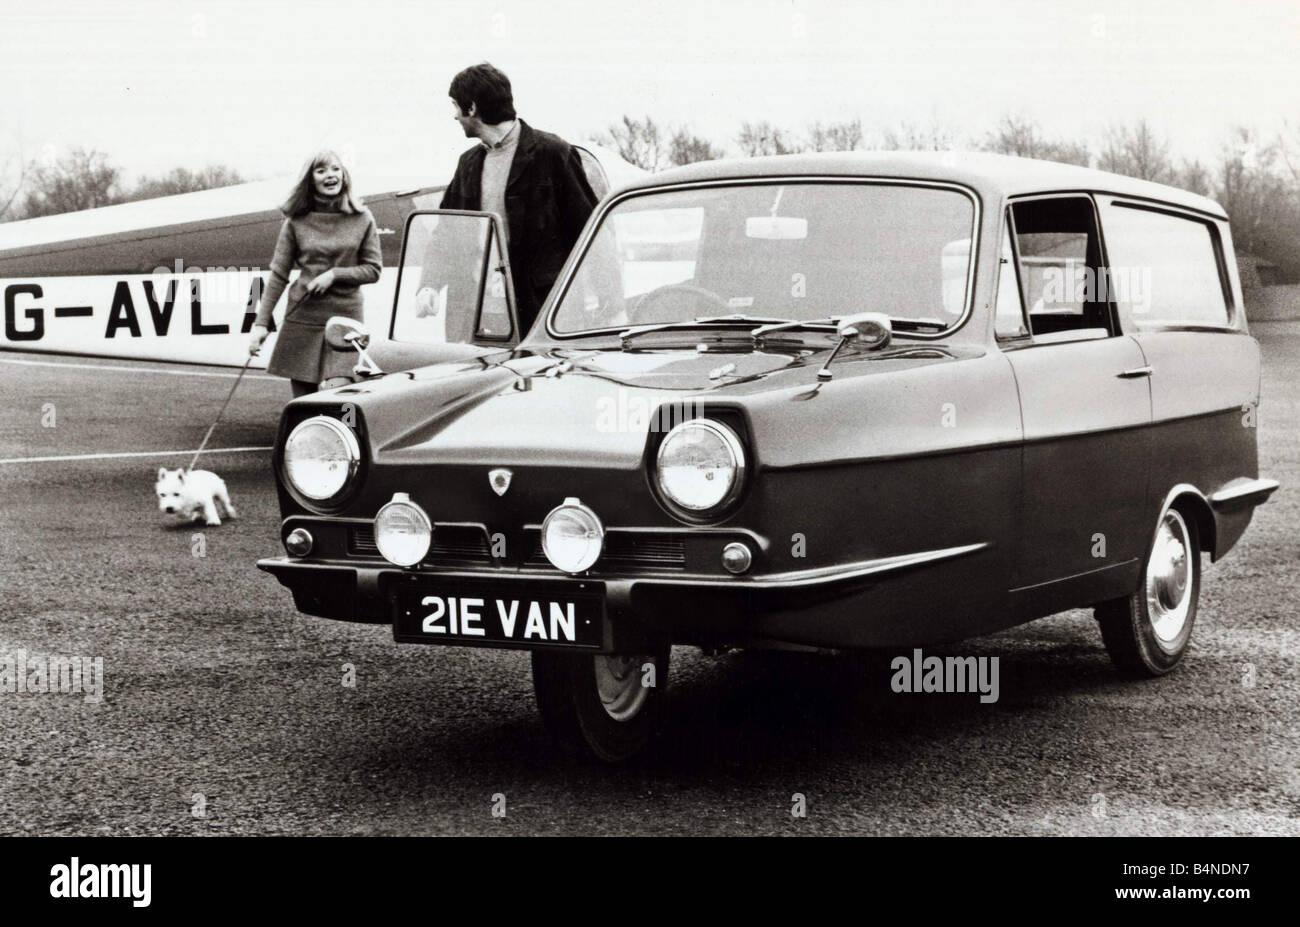 Reliant 21E Supervan 700cc Motor Car Robin Reliant circa 1985 - Stock Image